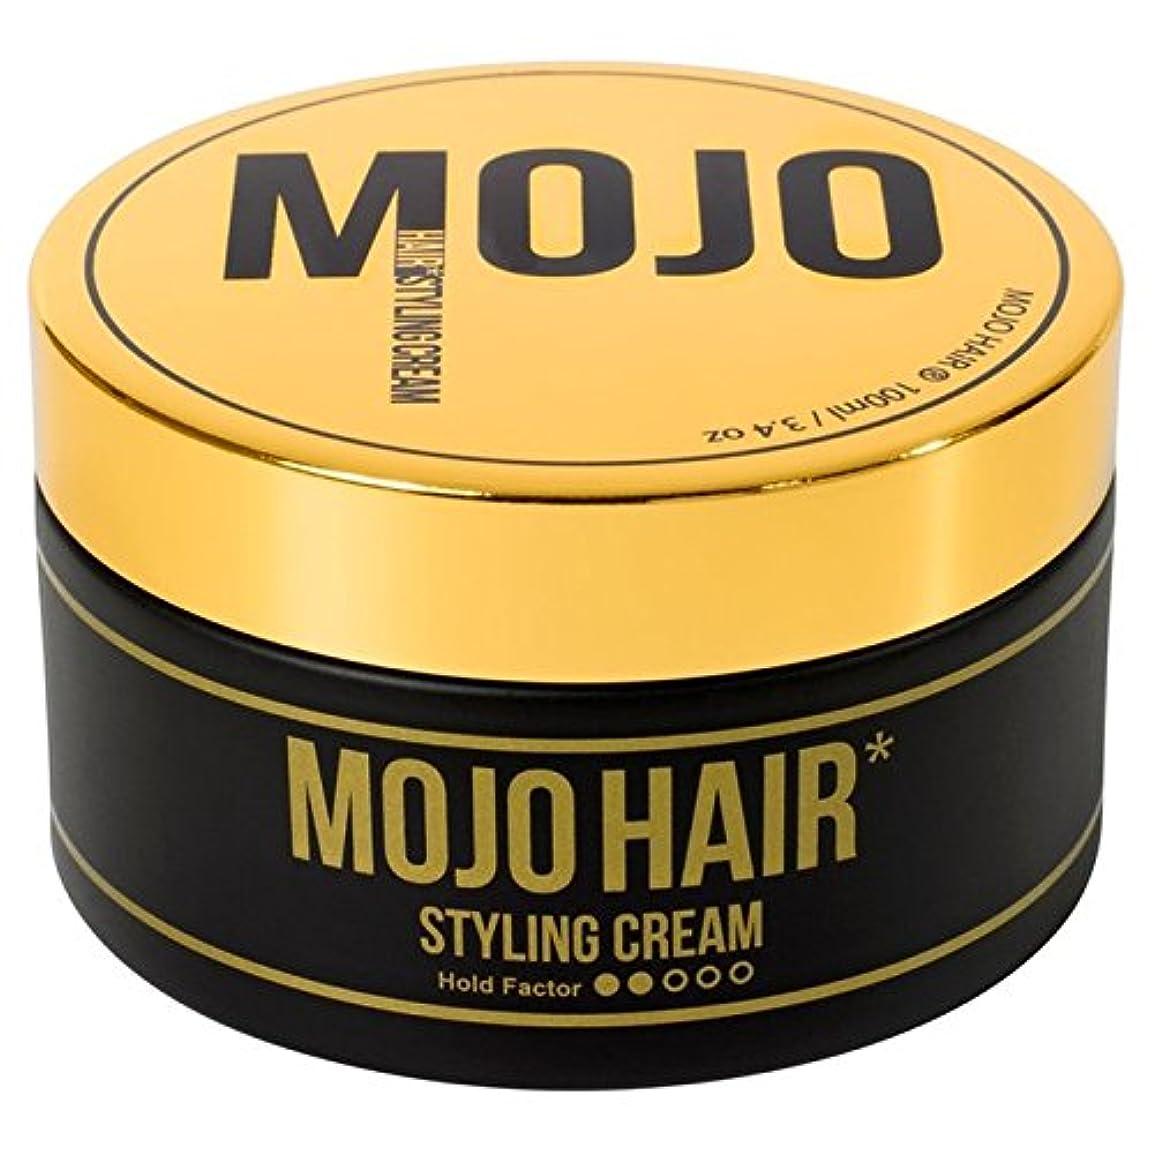 無傷安いです成果100ミリリットル男性のためのモジョのヘアスタイリングクリーム x2 - MOJO HAIR Styling Cream for Men 100ml (Pack of 2) [並行輸入品]